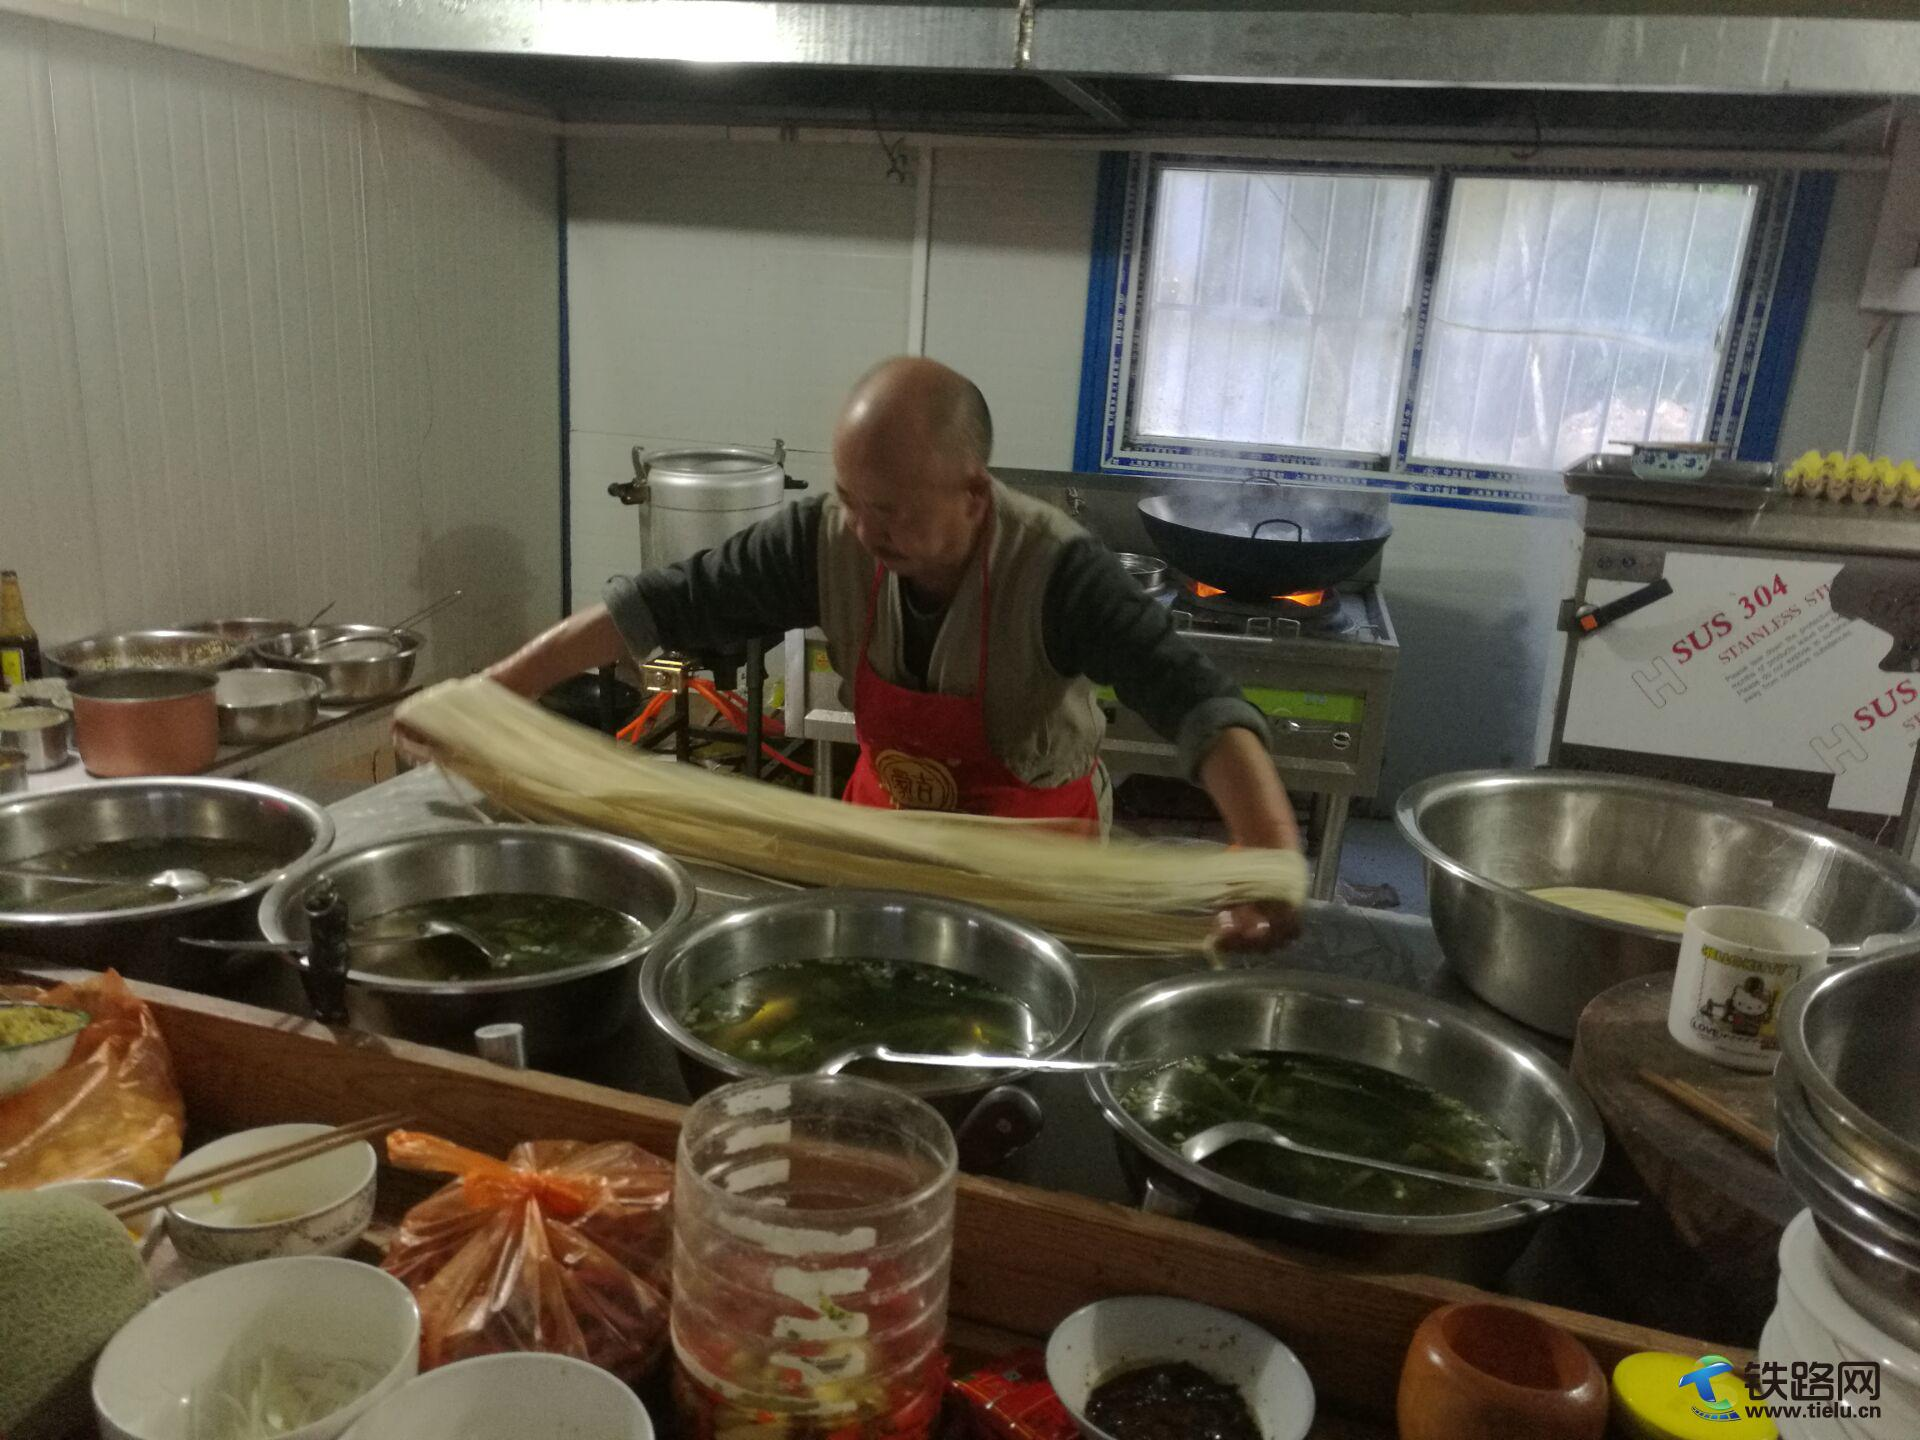 拌和站职工食堂的林茂军师傅,正在为加夜班的员工准备夜班饭――拉面.jpg